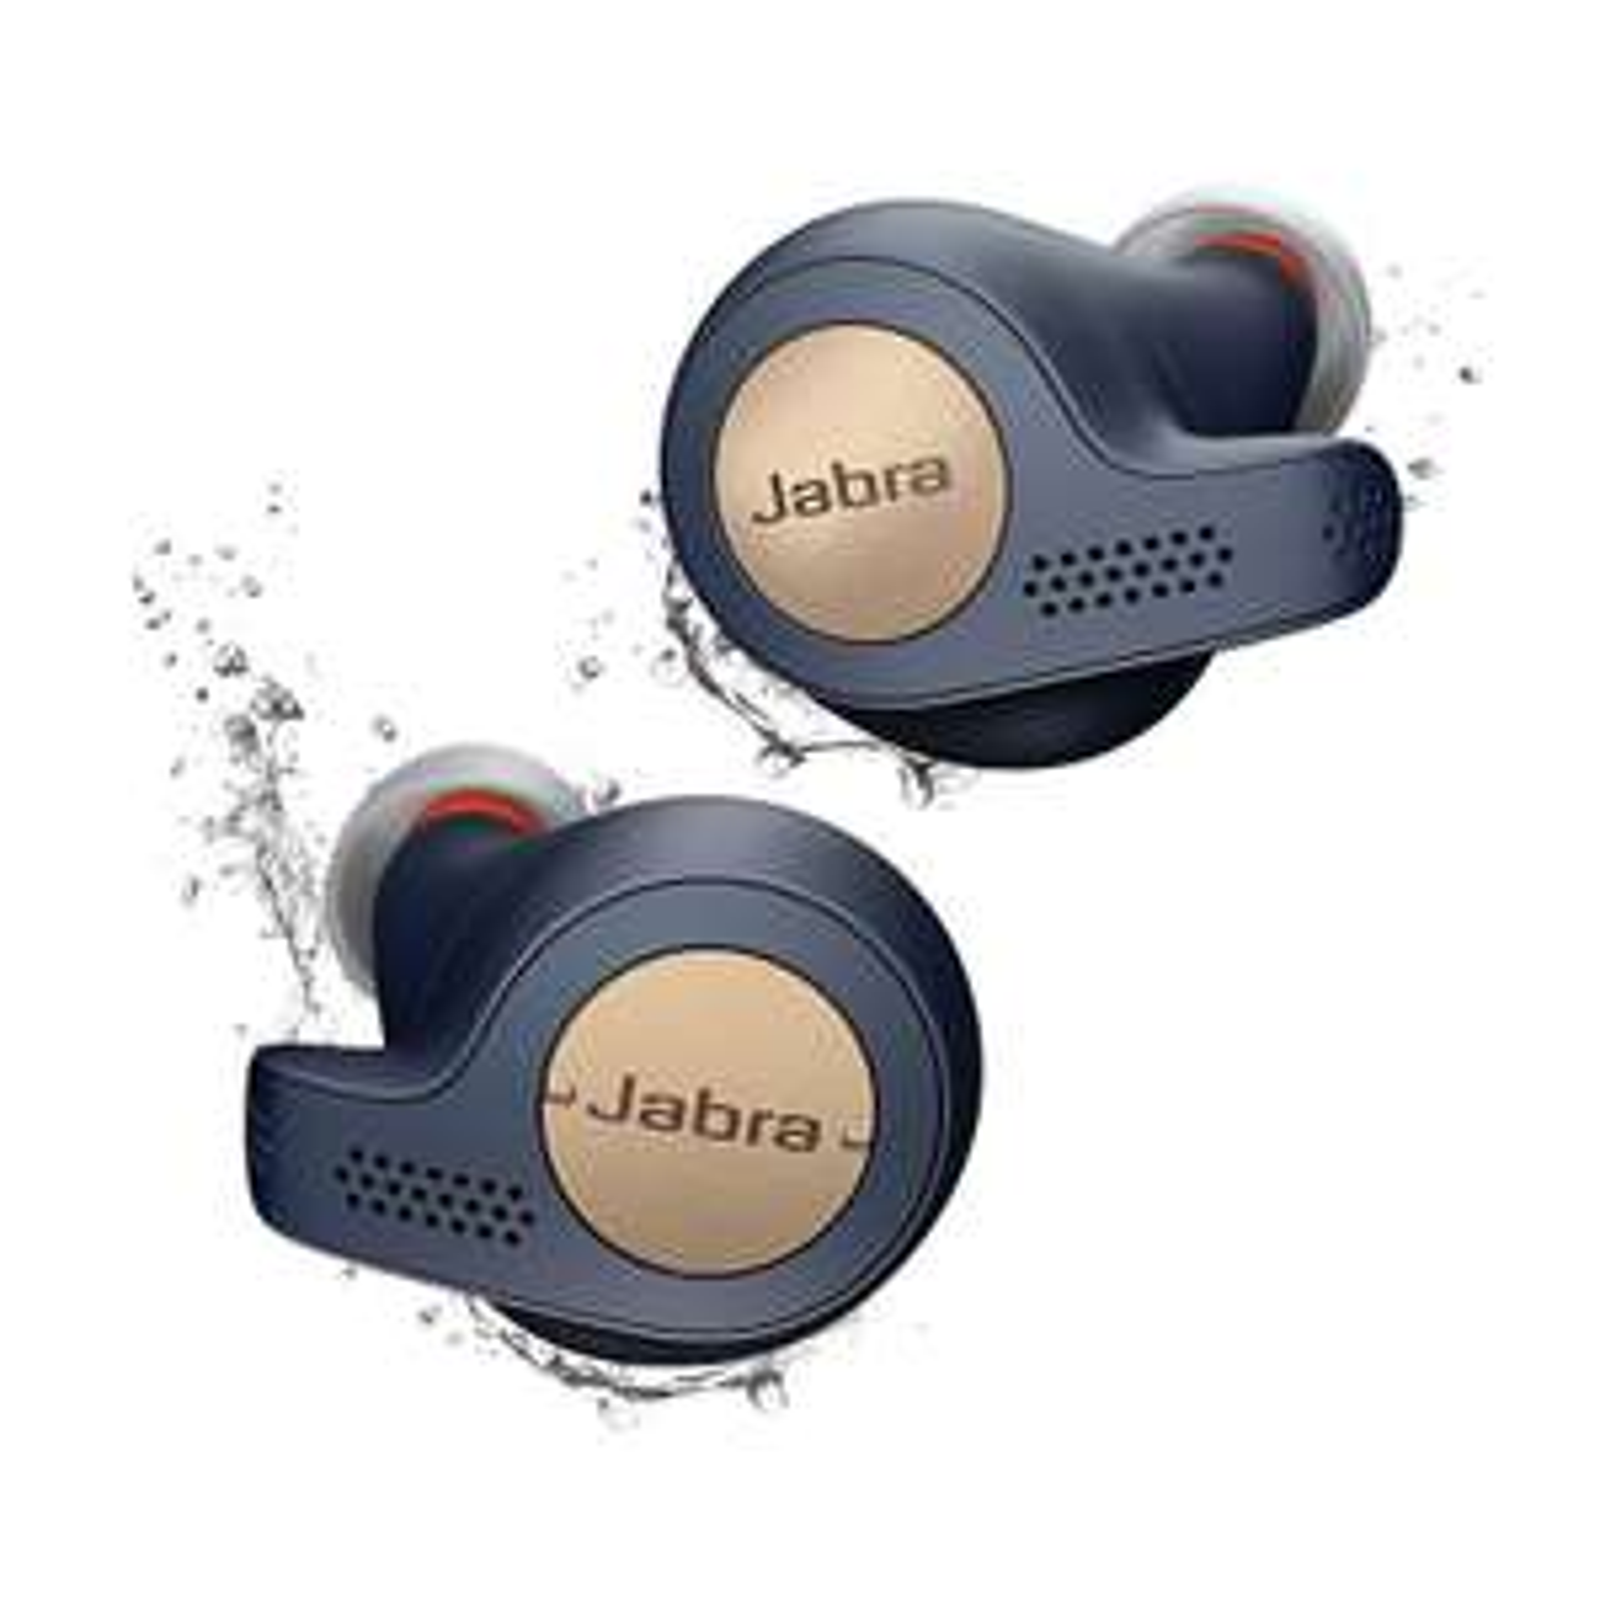 Ecouteurs sans fil Jabra Elite Active 65t - Reconditionné